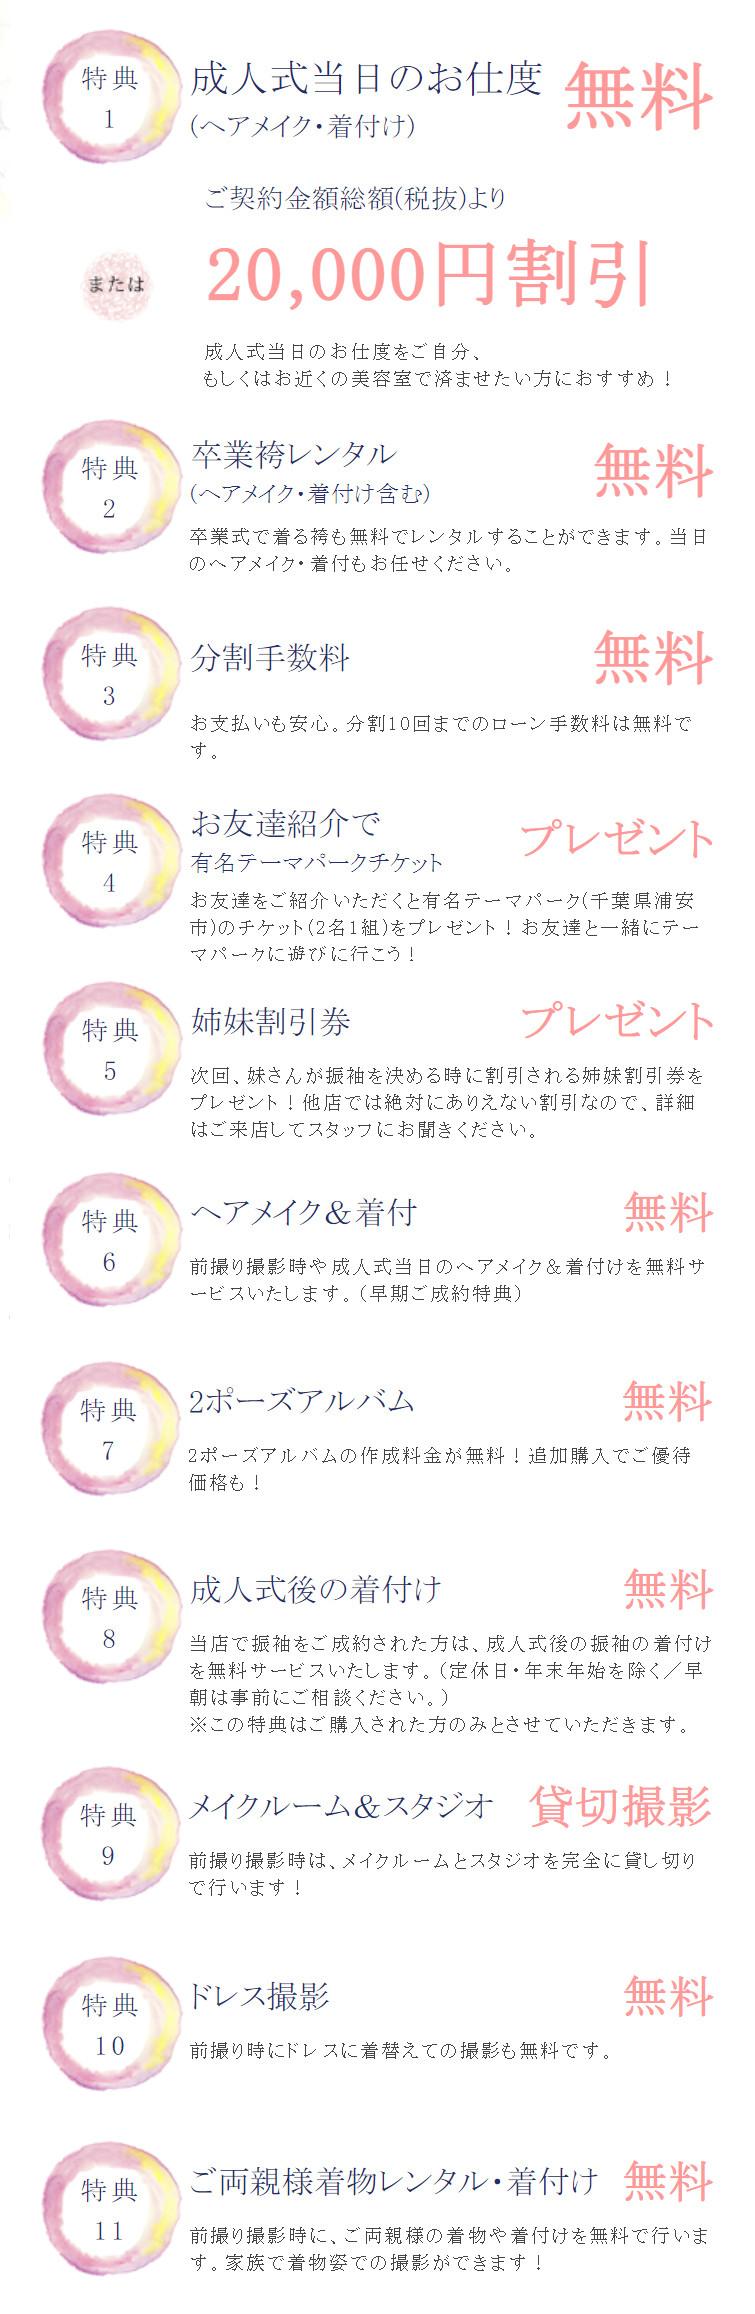 11大特典